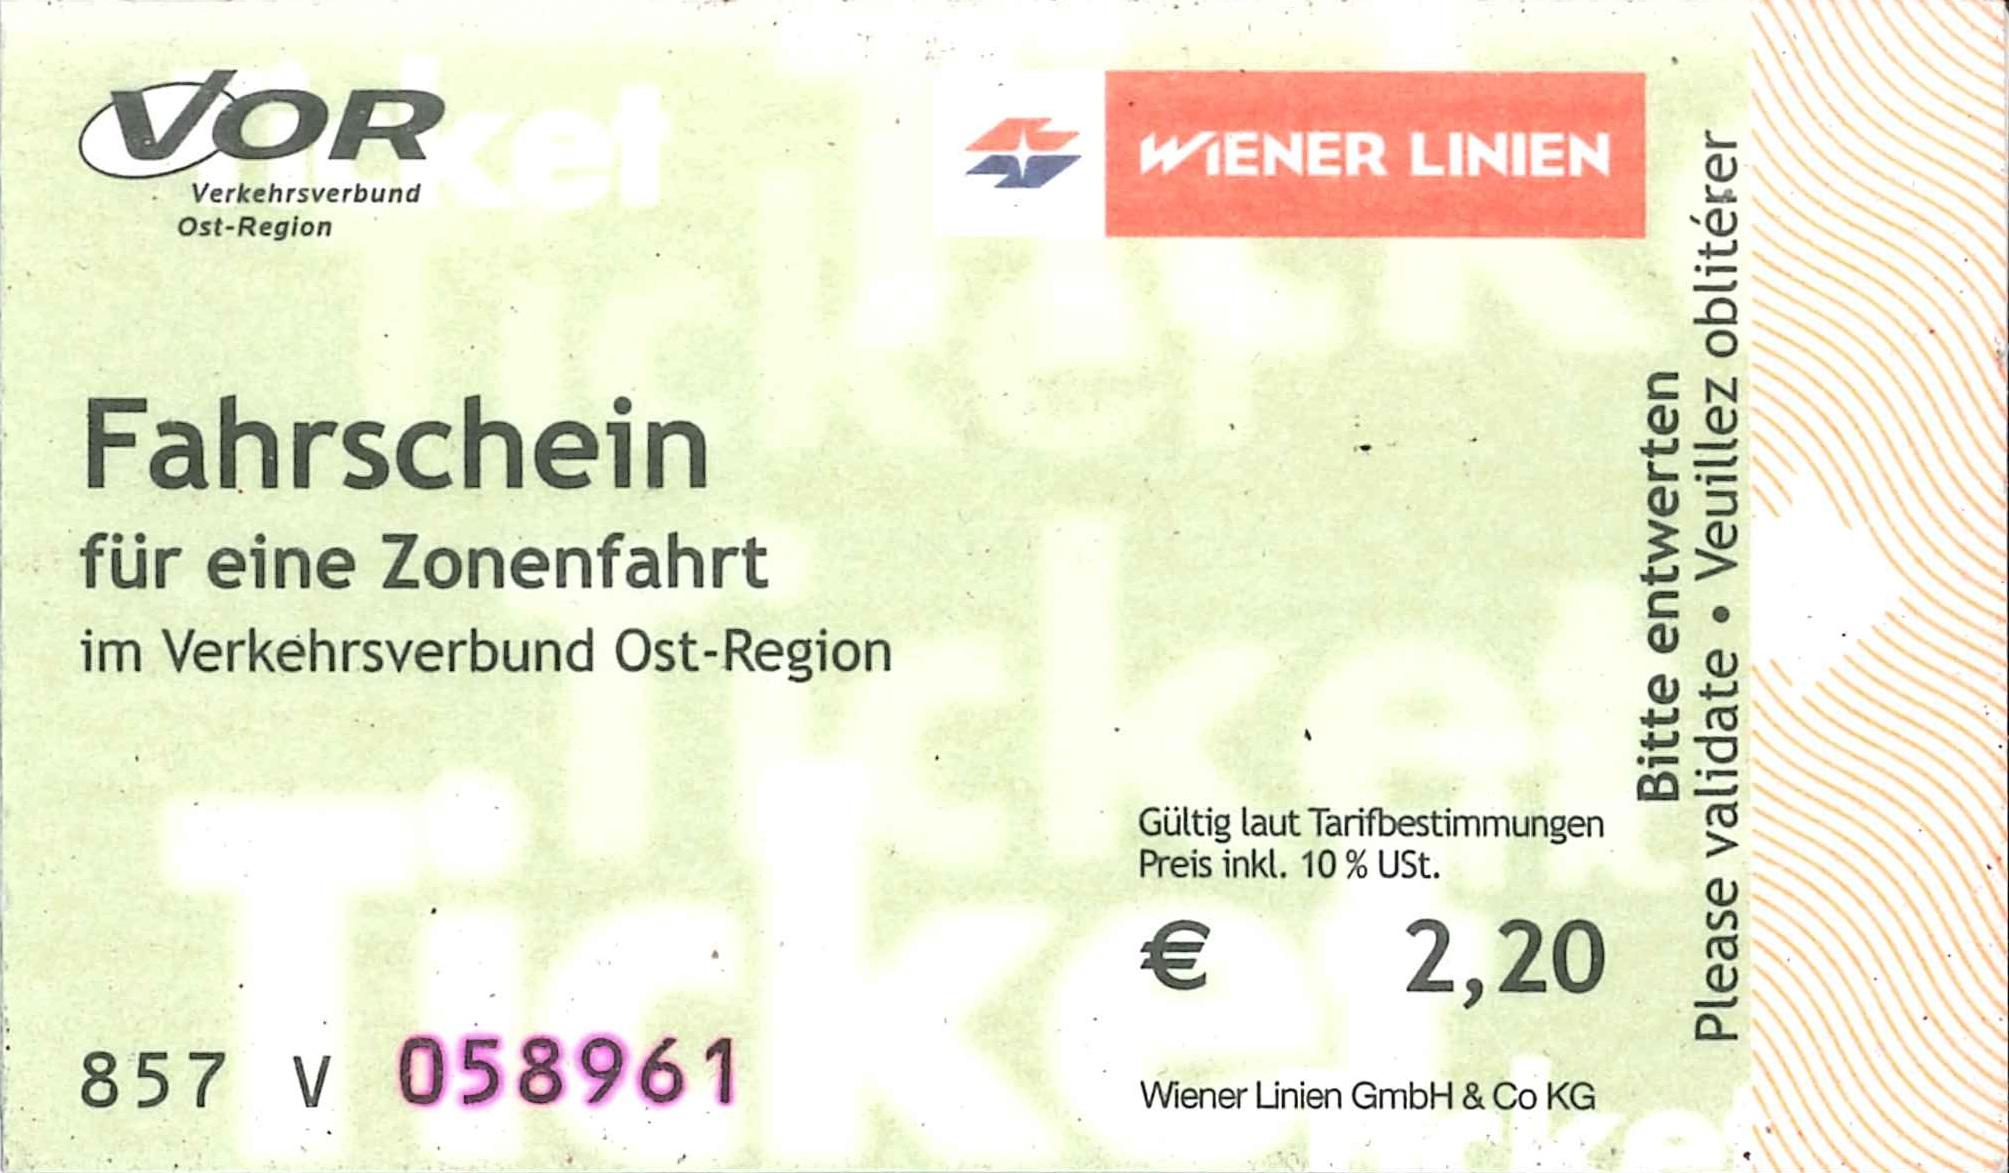 Fahrschein der Wiener Linien